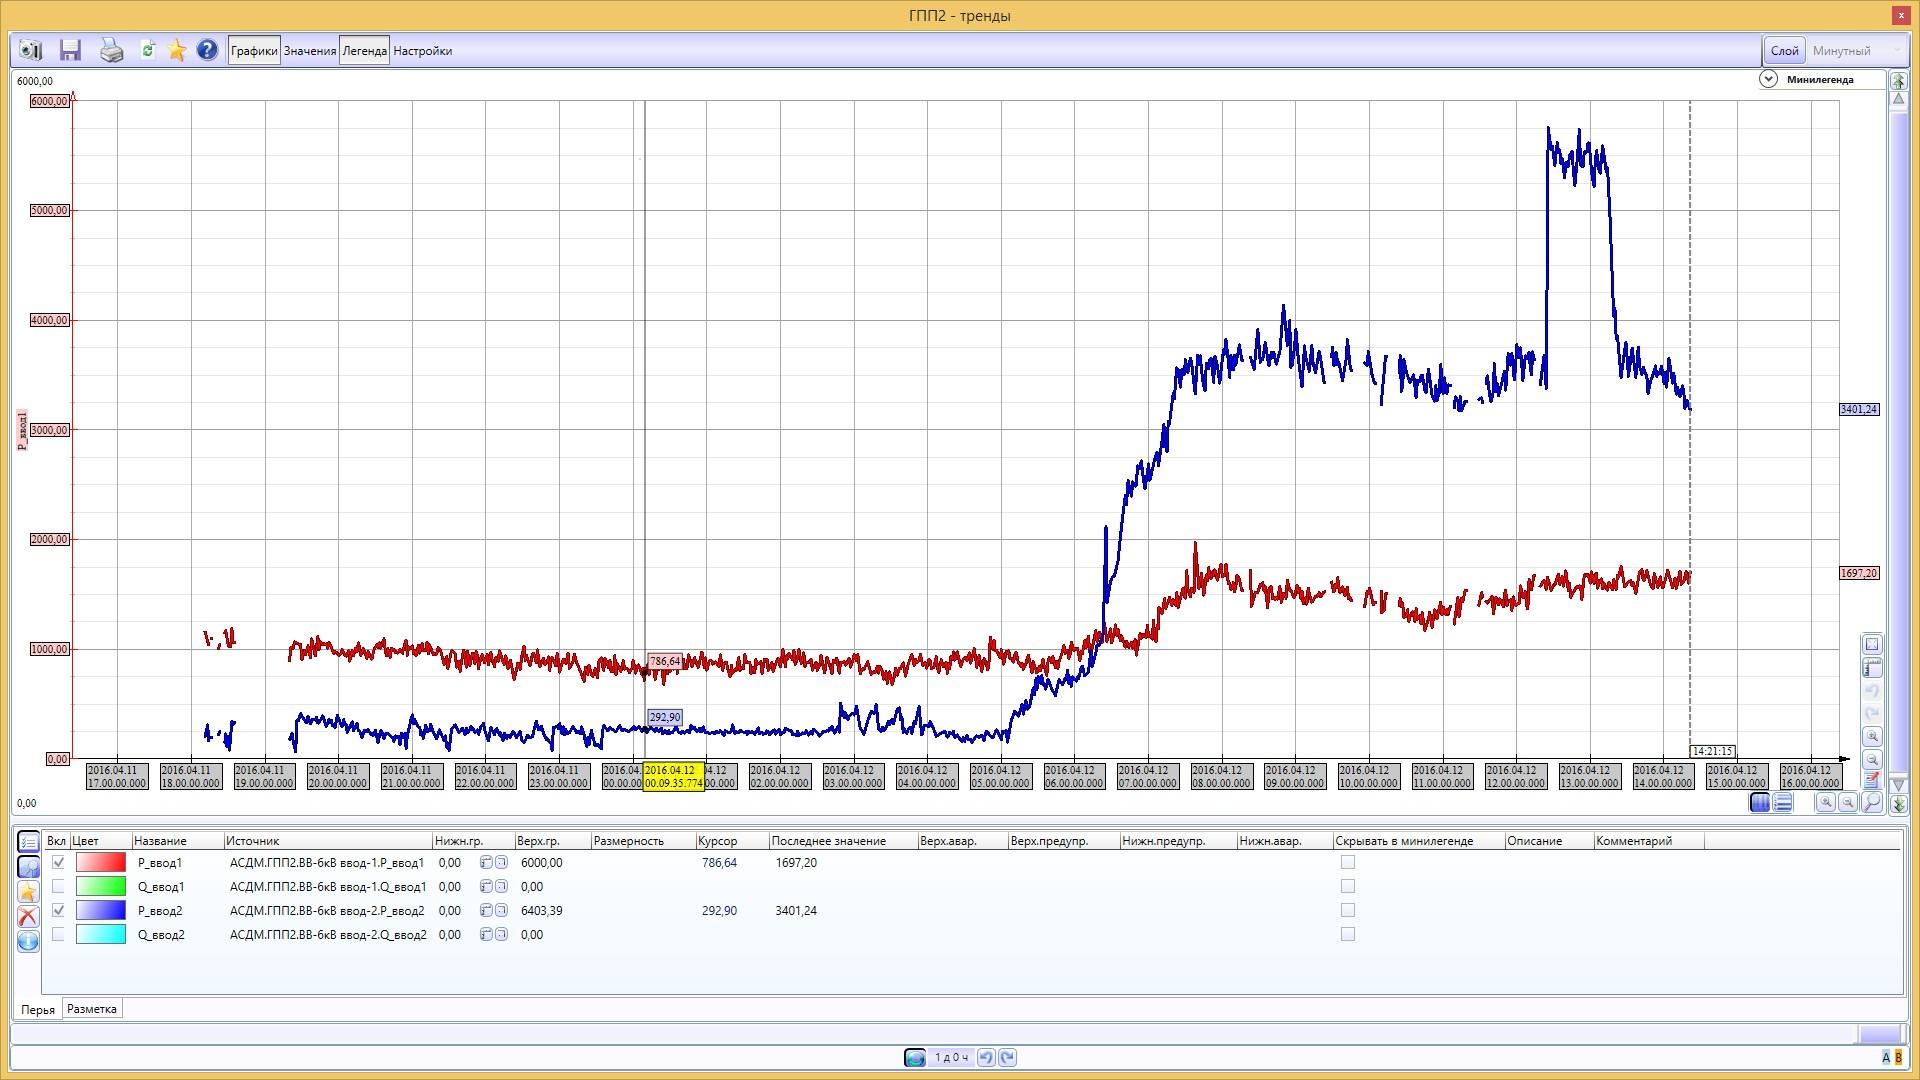 АСДМ газопоршневой теплоэлектростанции - SCADA MasterSCADA - ГПП2 графики